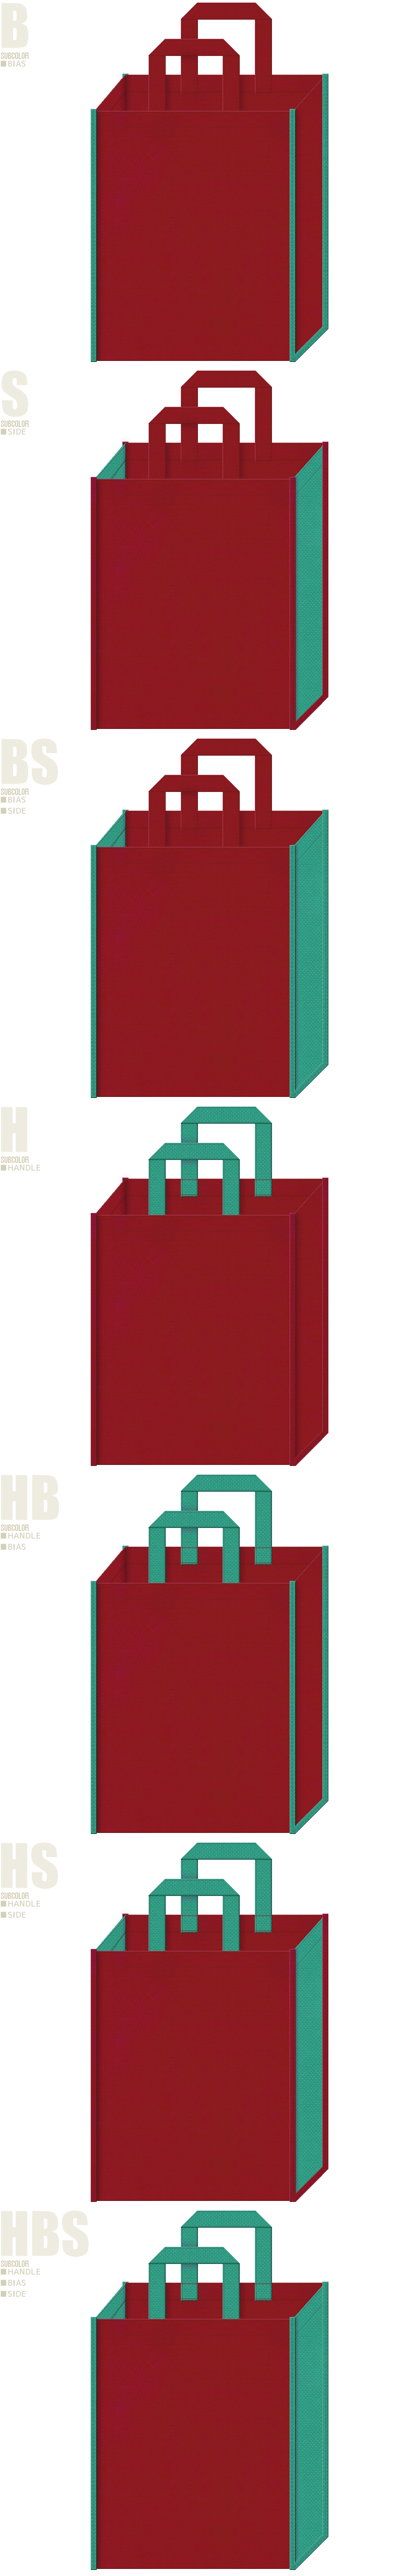 振袖・着物・成人式・和風催事の記念品にお奨めの不織布バッグのデザイン:エンジ色と青緑色の配色7パターン